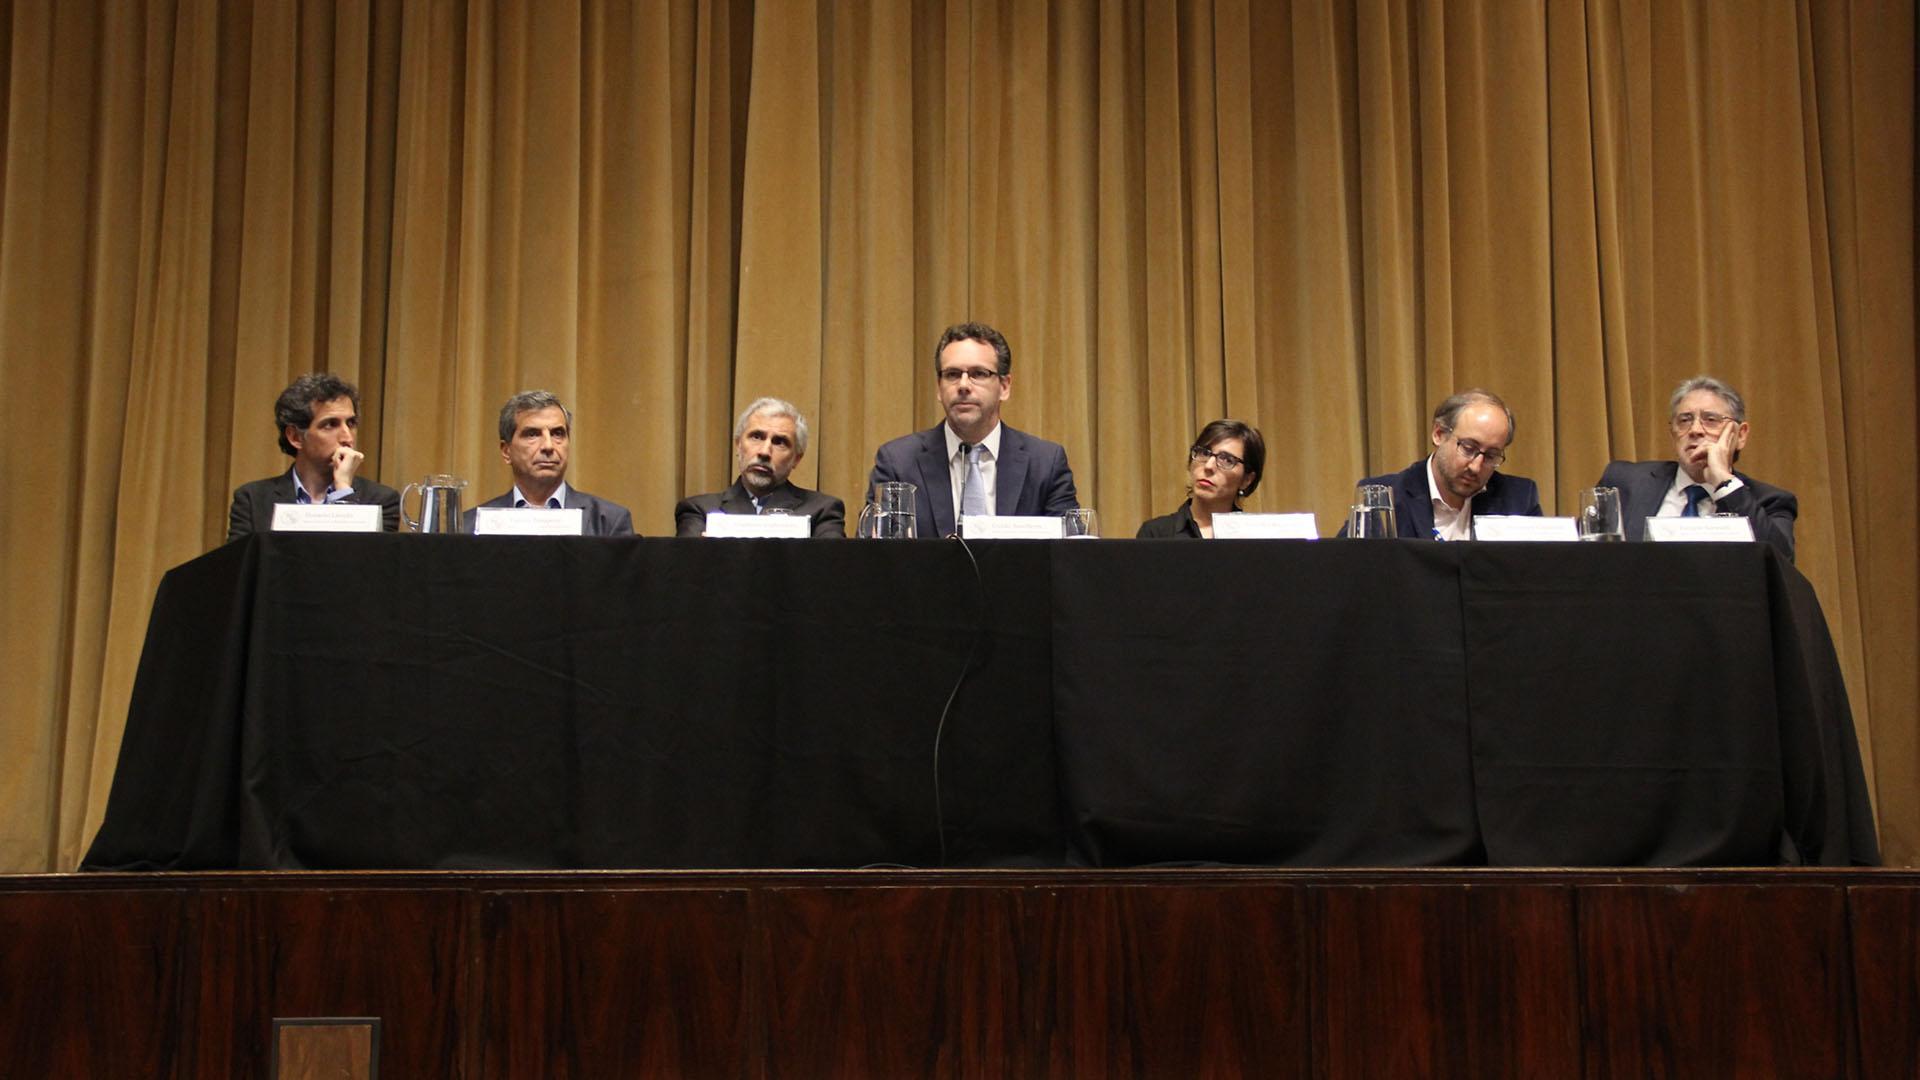 Guido Sandleris, presidente del Banco Central, y su equipo, lograron quitarle volatilidad a la cotización del dólar y sostenerlo dentro del piso de la zona de no intervención (Matias Baglietto)